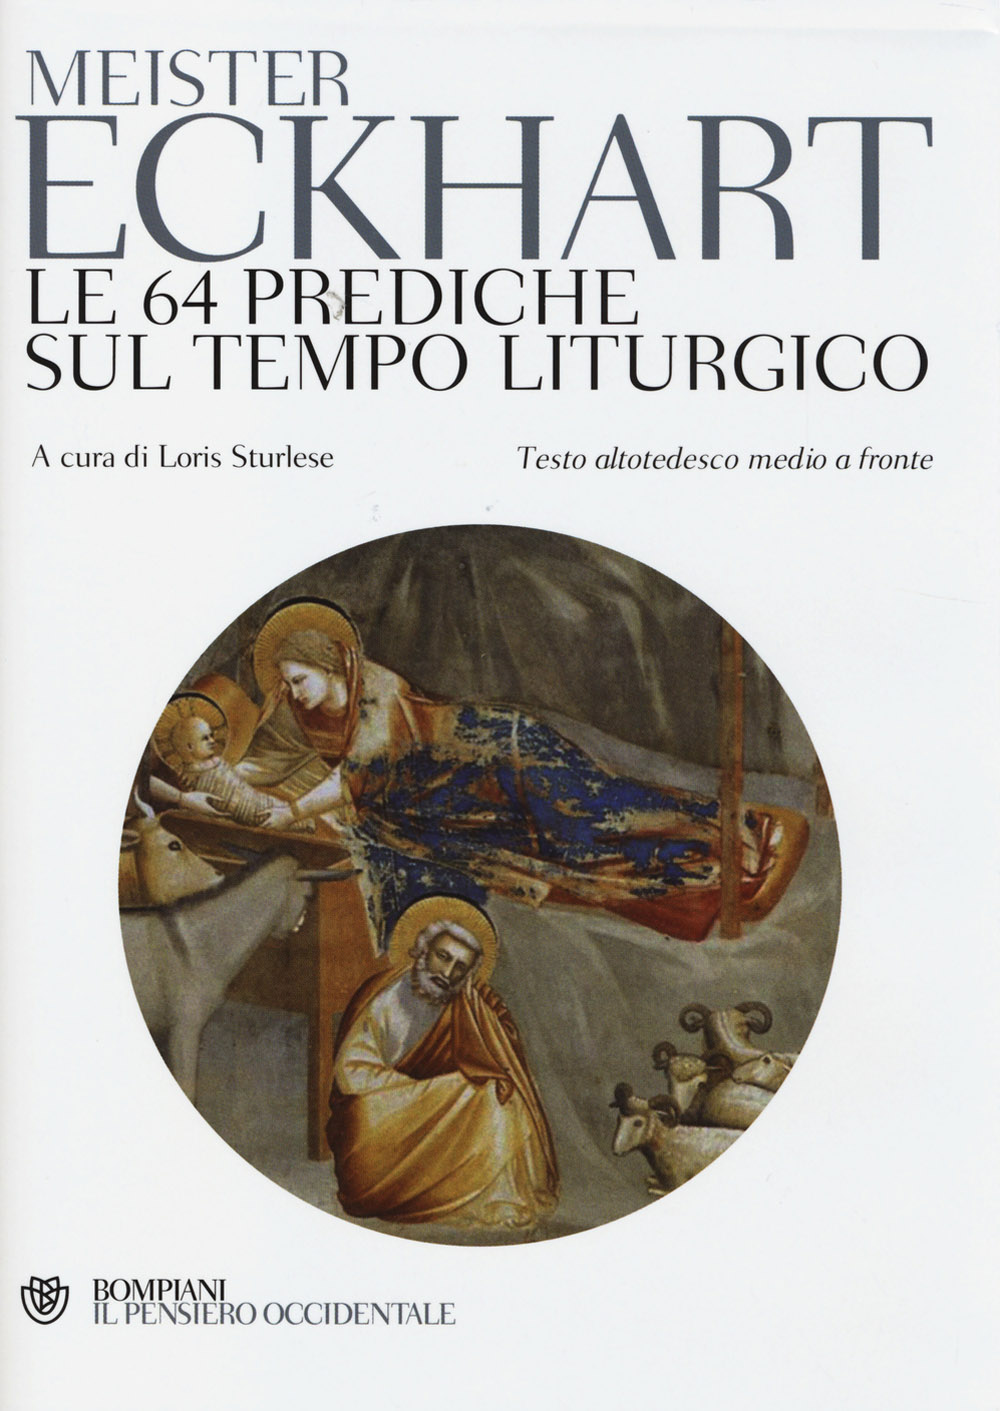 Le 64 prediche sul tempo liturgico